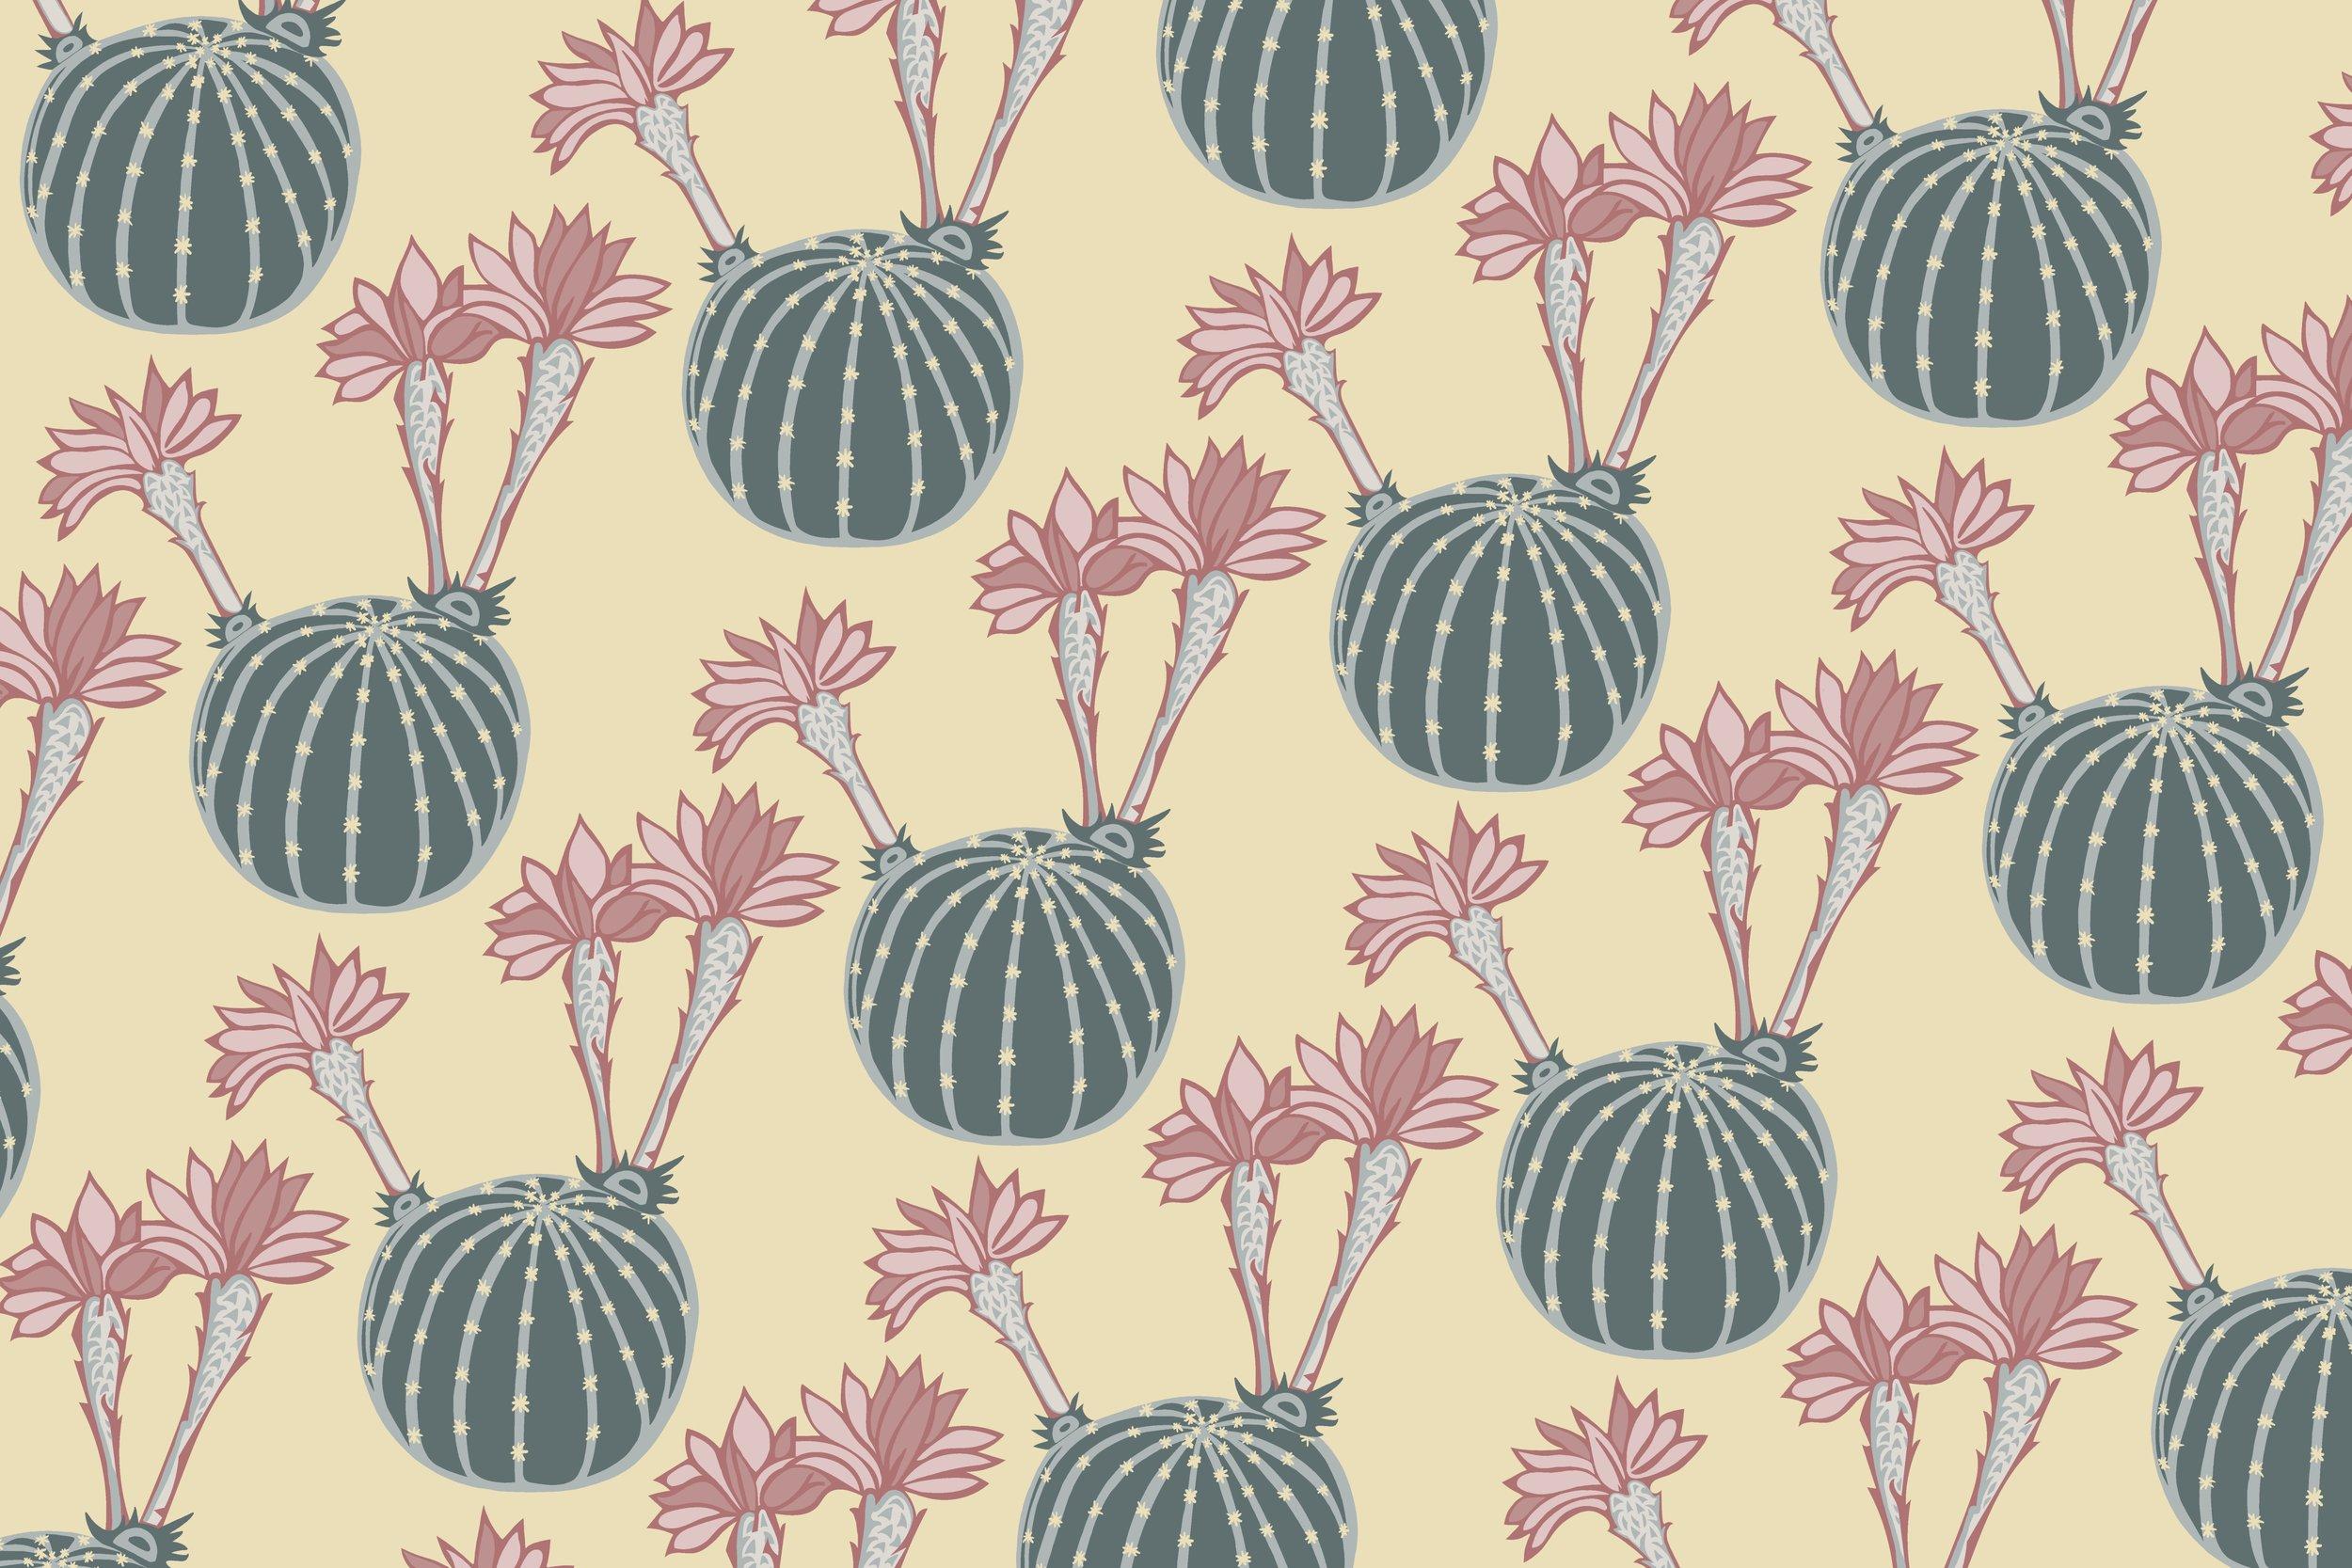 FloralCactusPatern1.jpg